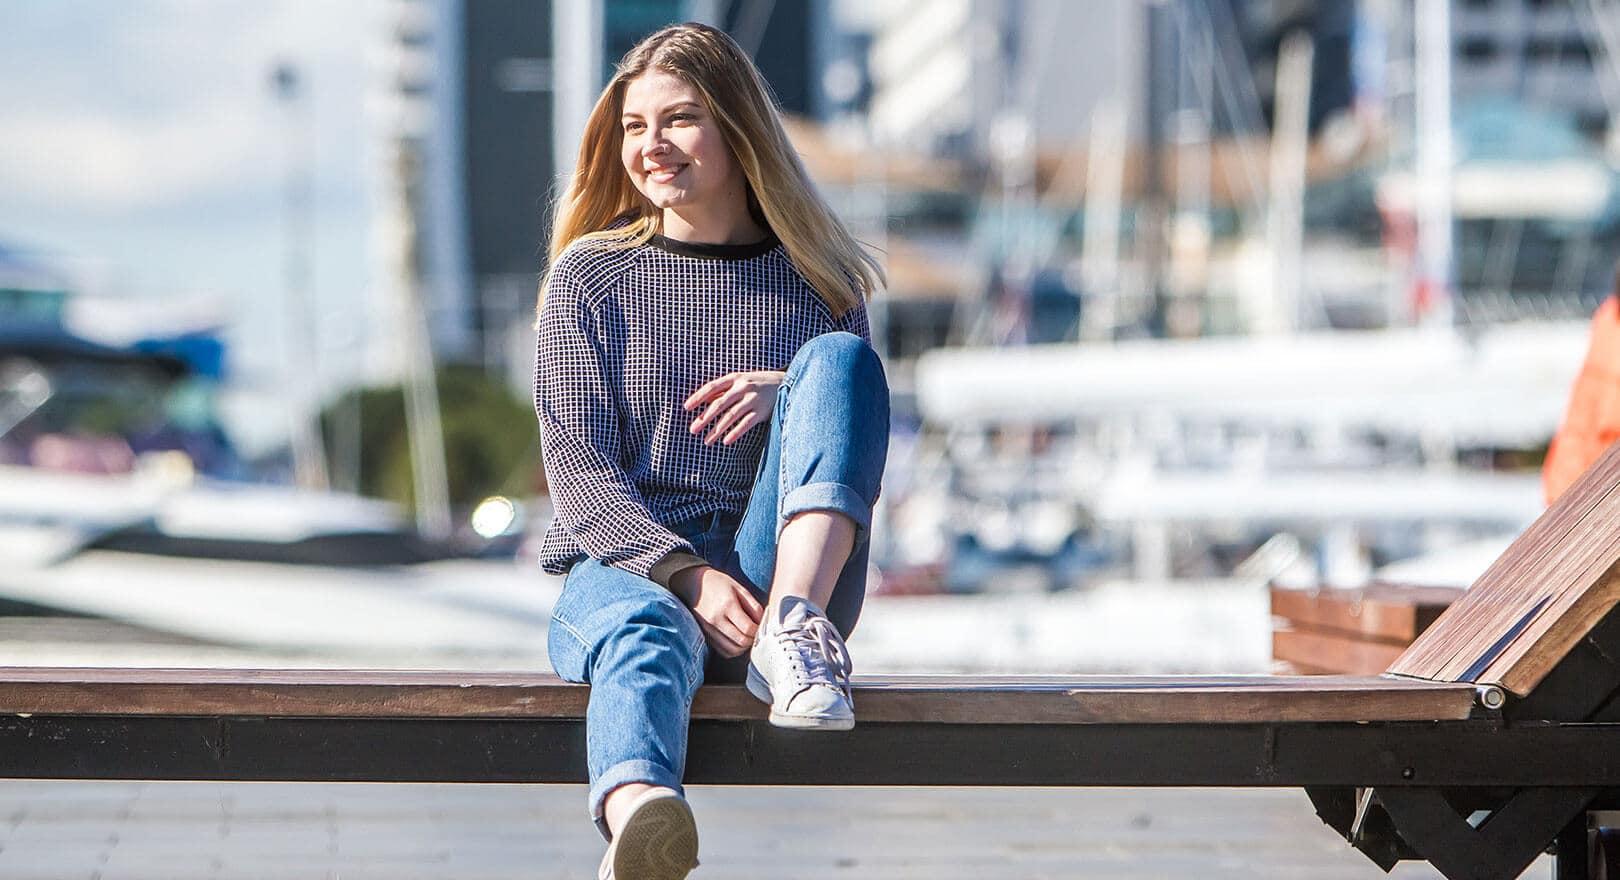 Studieren in Neuseeland – Alles rund um das Auslandsstudium in Neuseeland